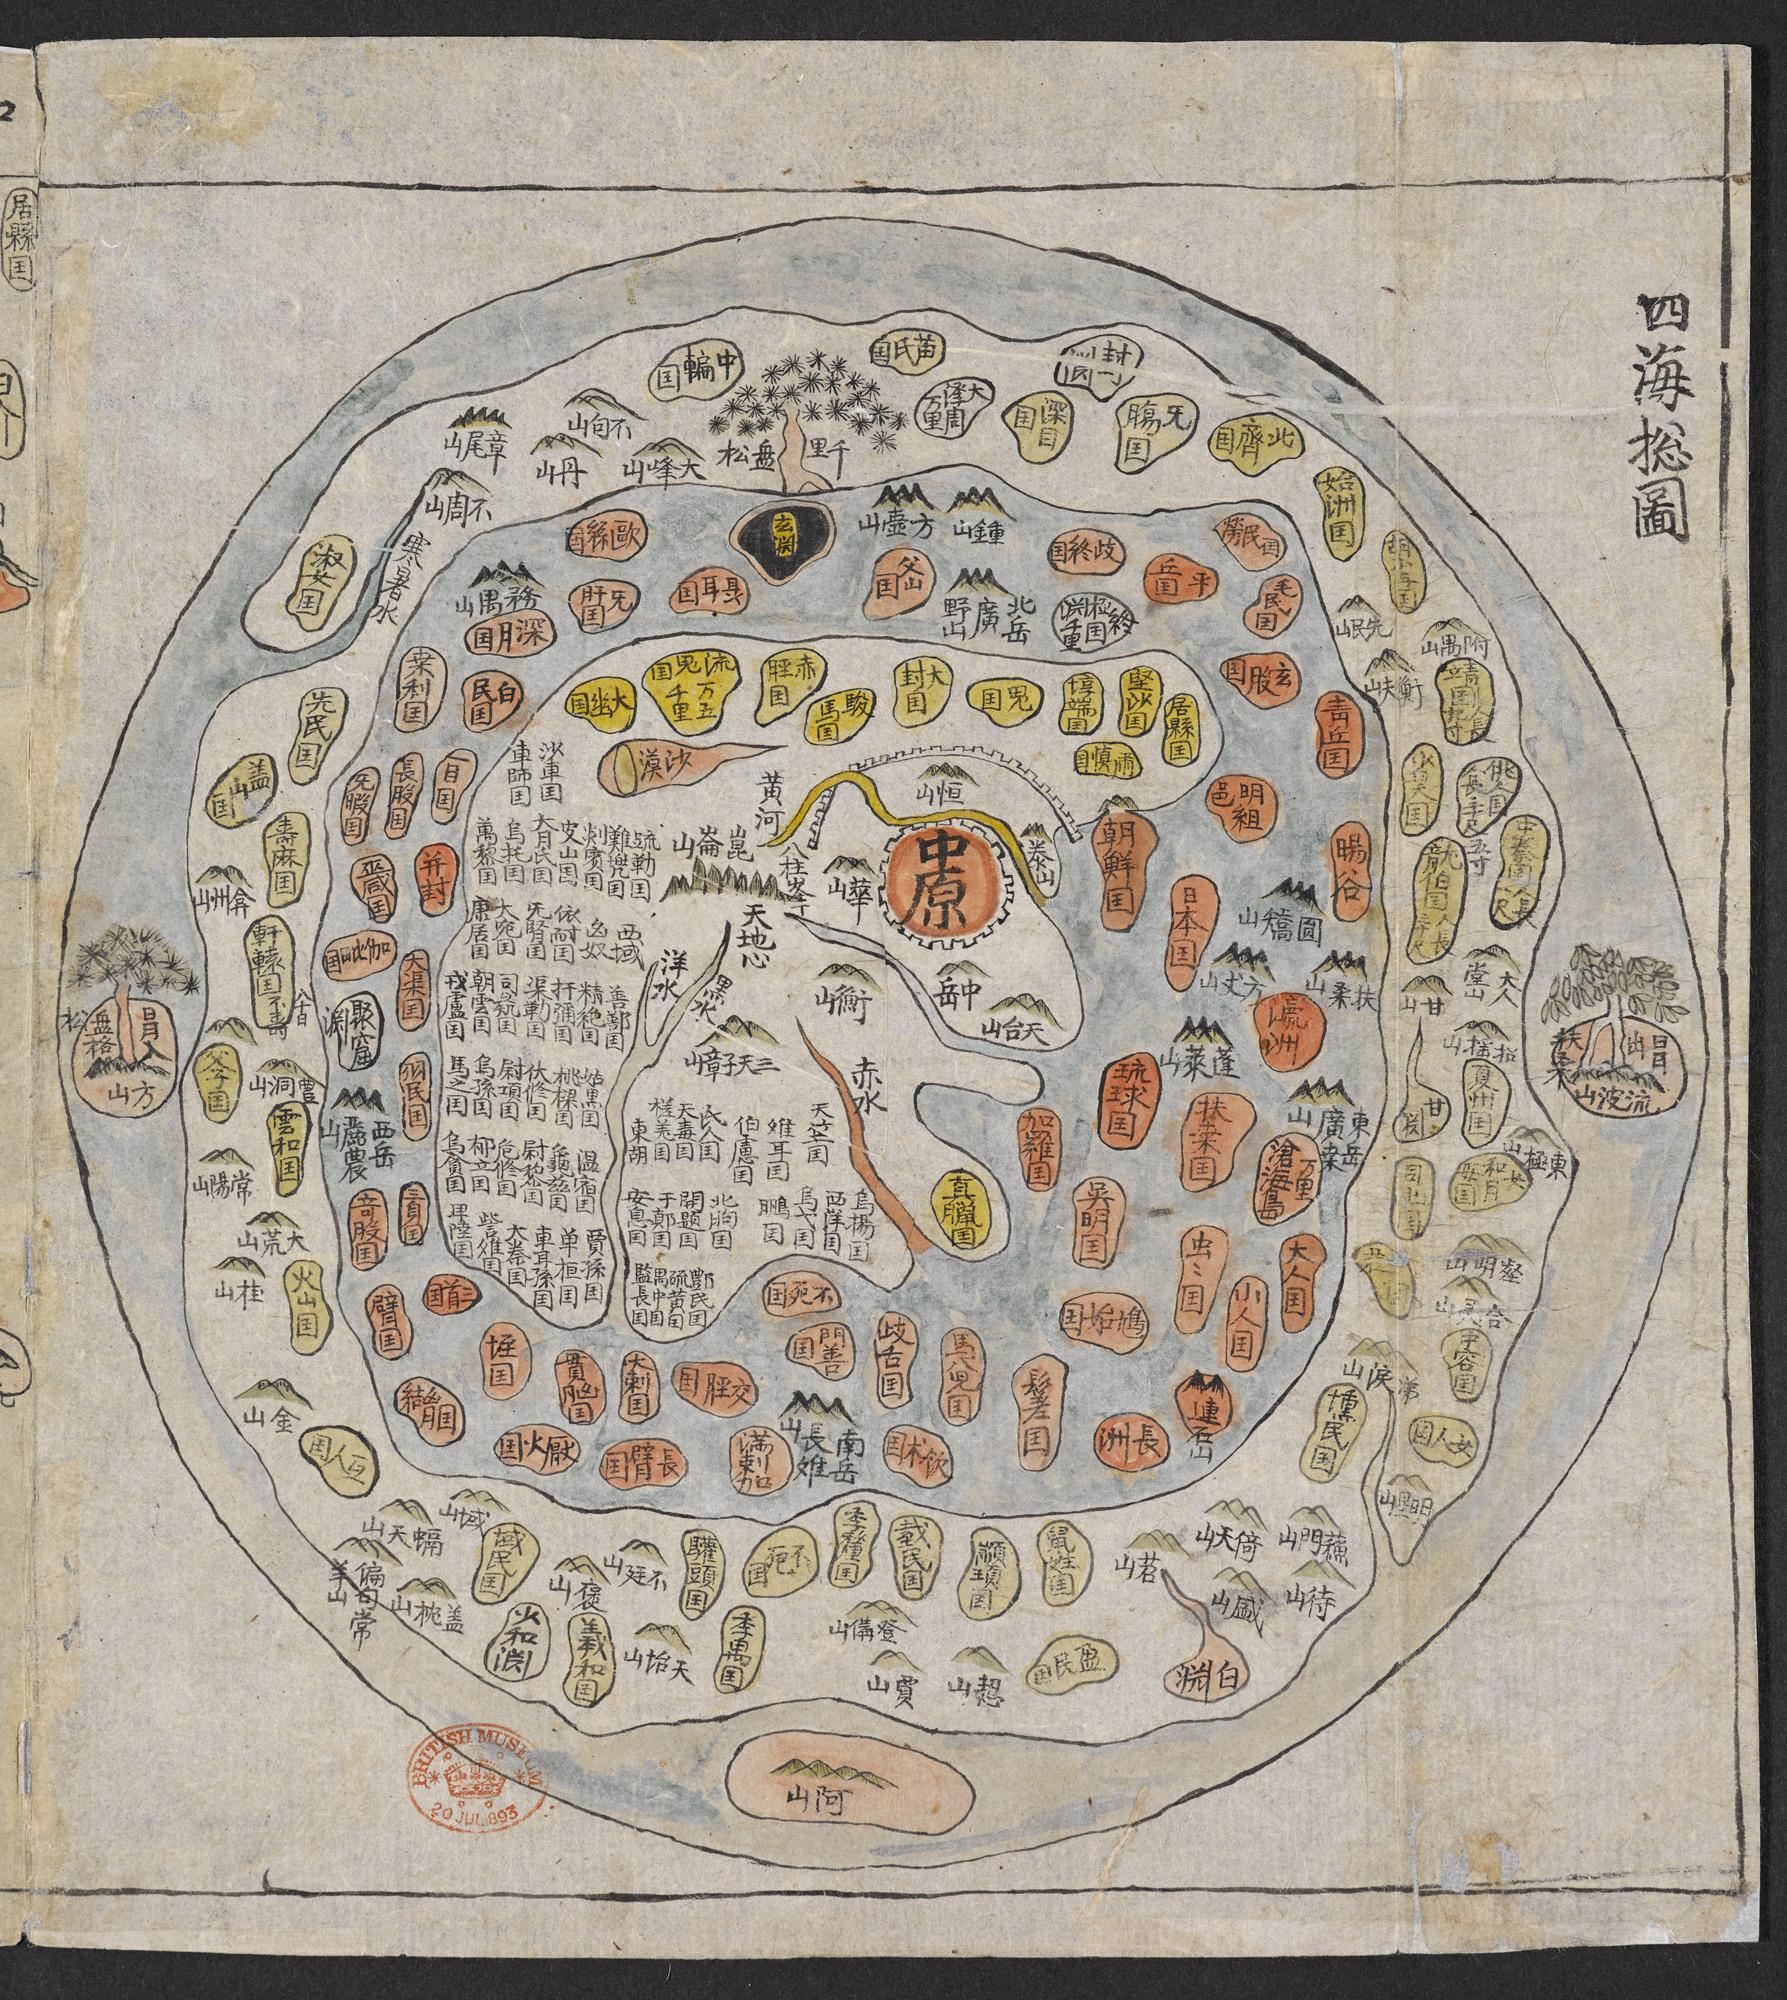 Cheonhado World Map Seoul C 1800 The British Library